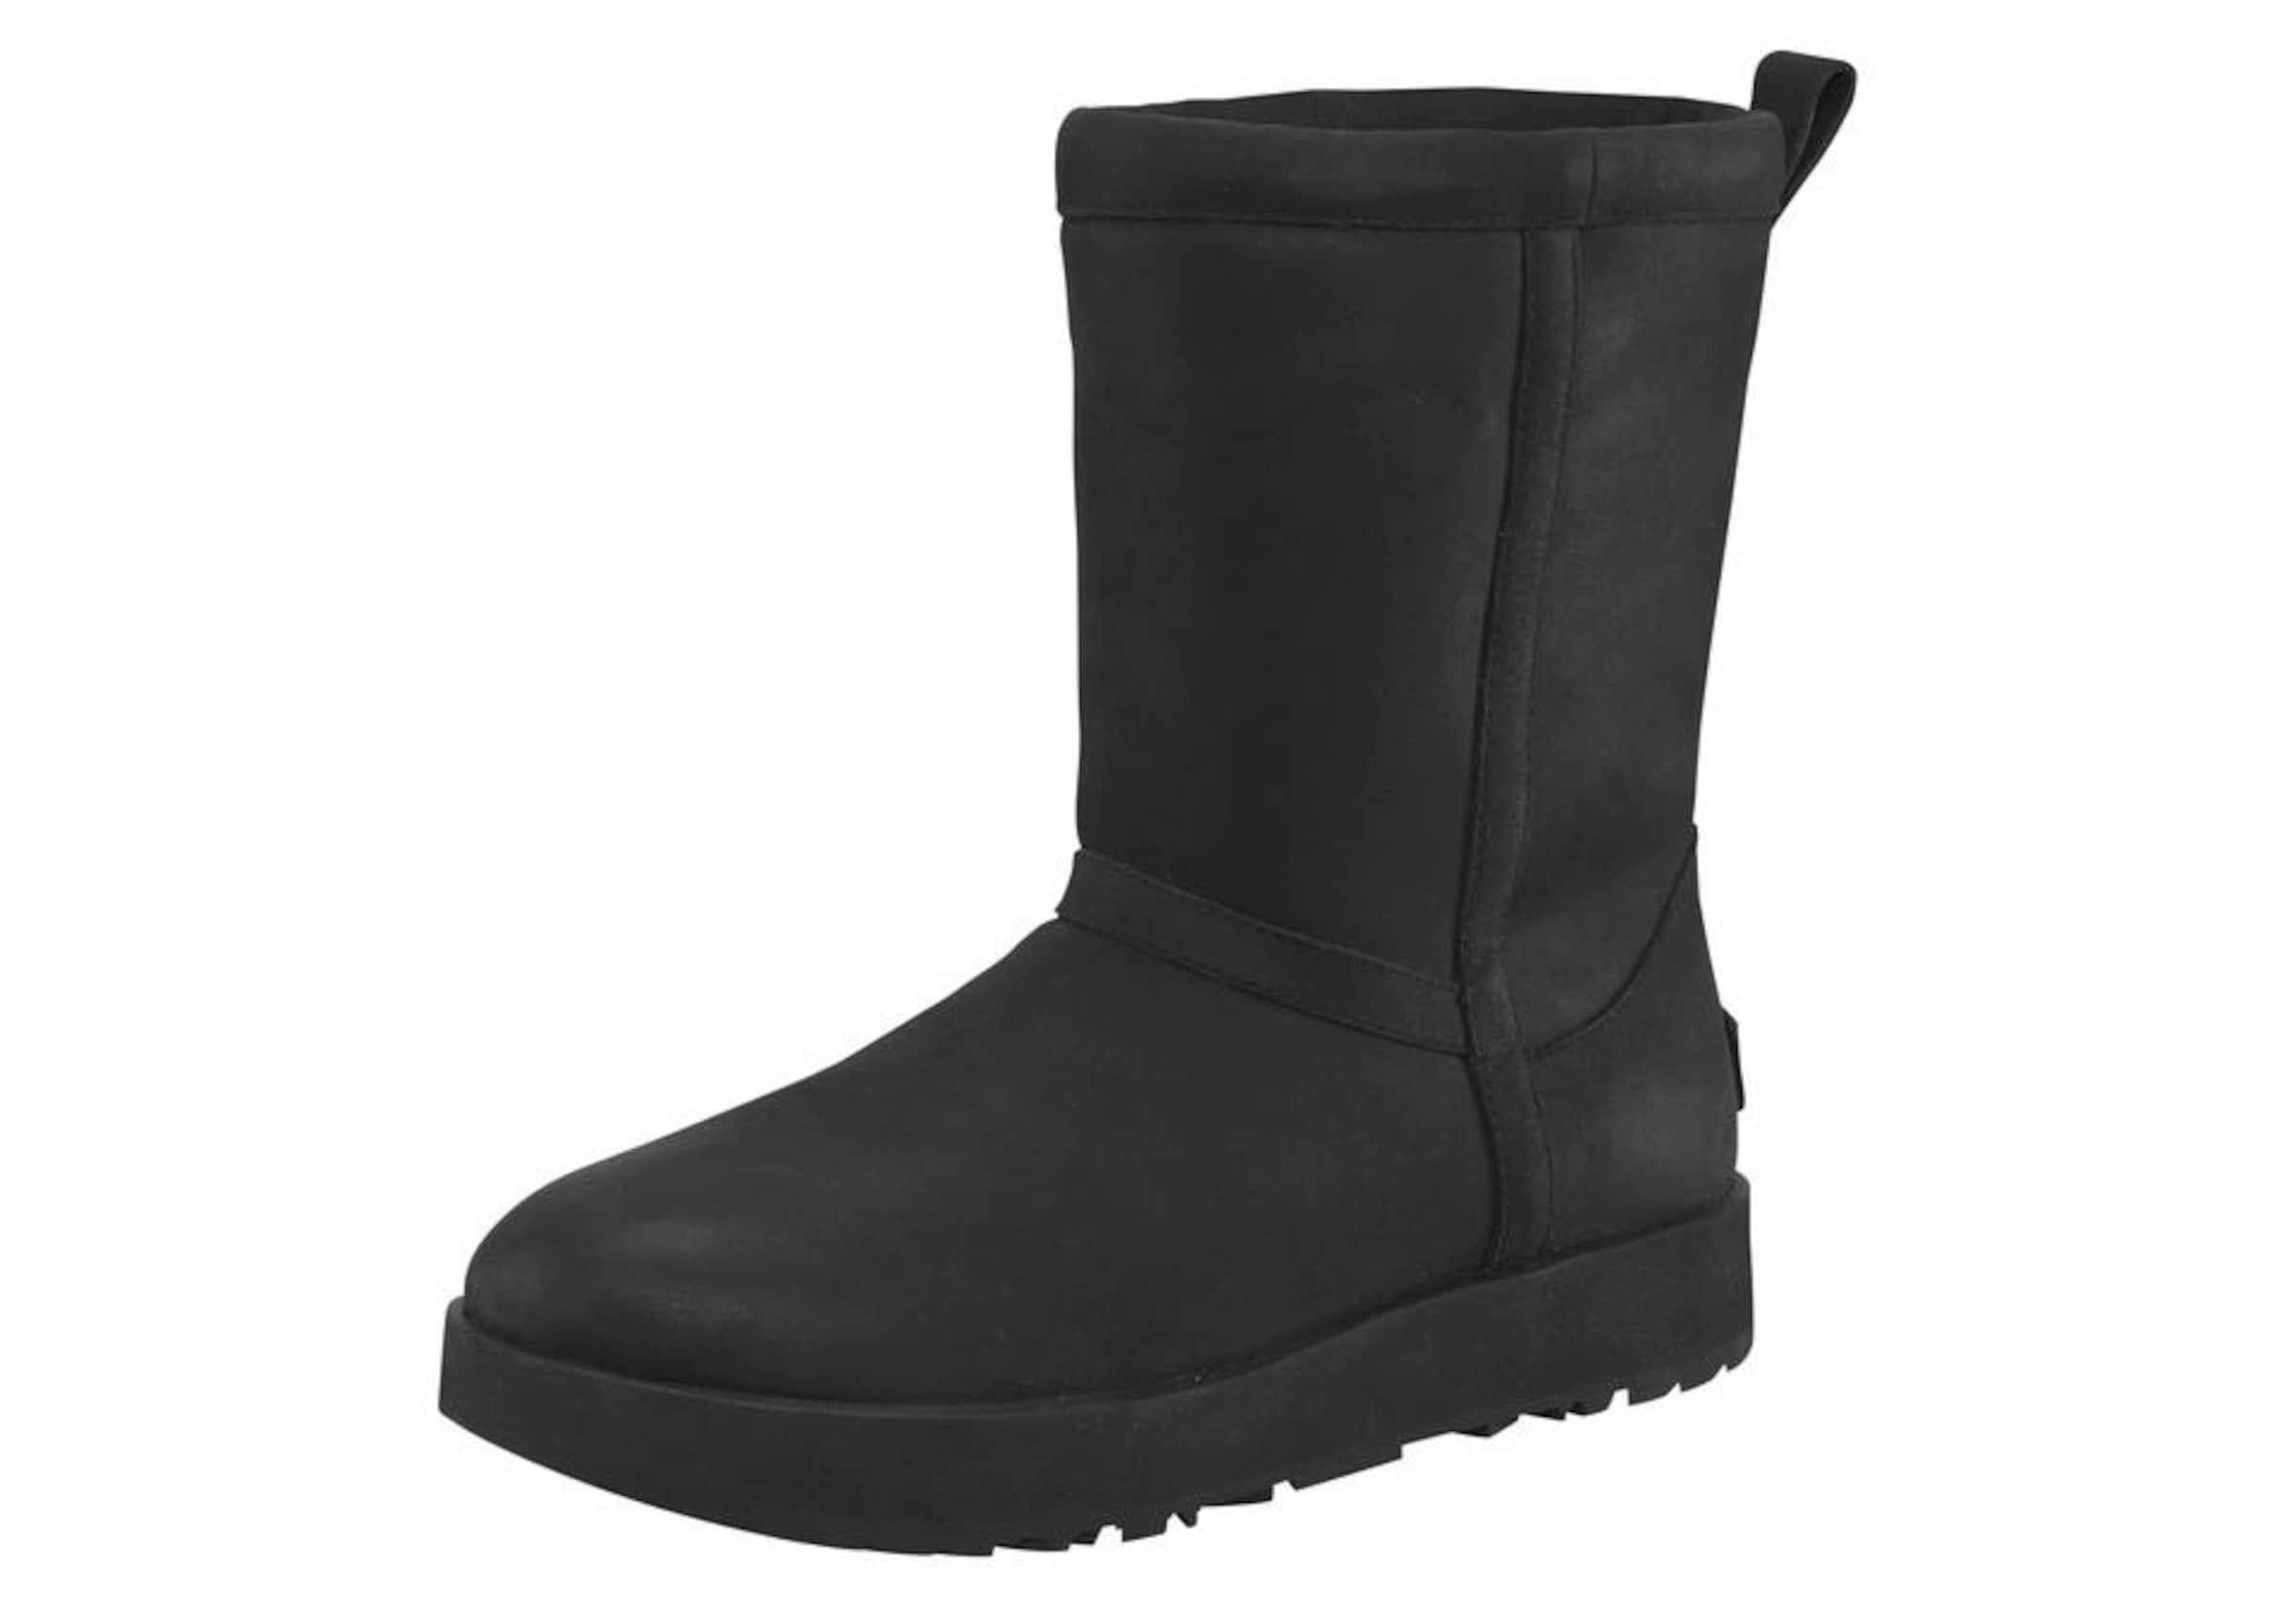 UGG Winterboots 'Classic Short Leather Waterproof' Online Speichern Kaufen Sie Günstig Online Preis KZh1FI